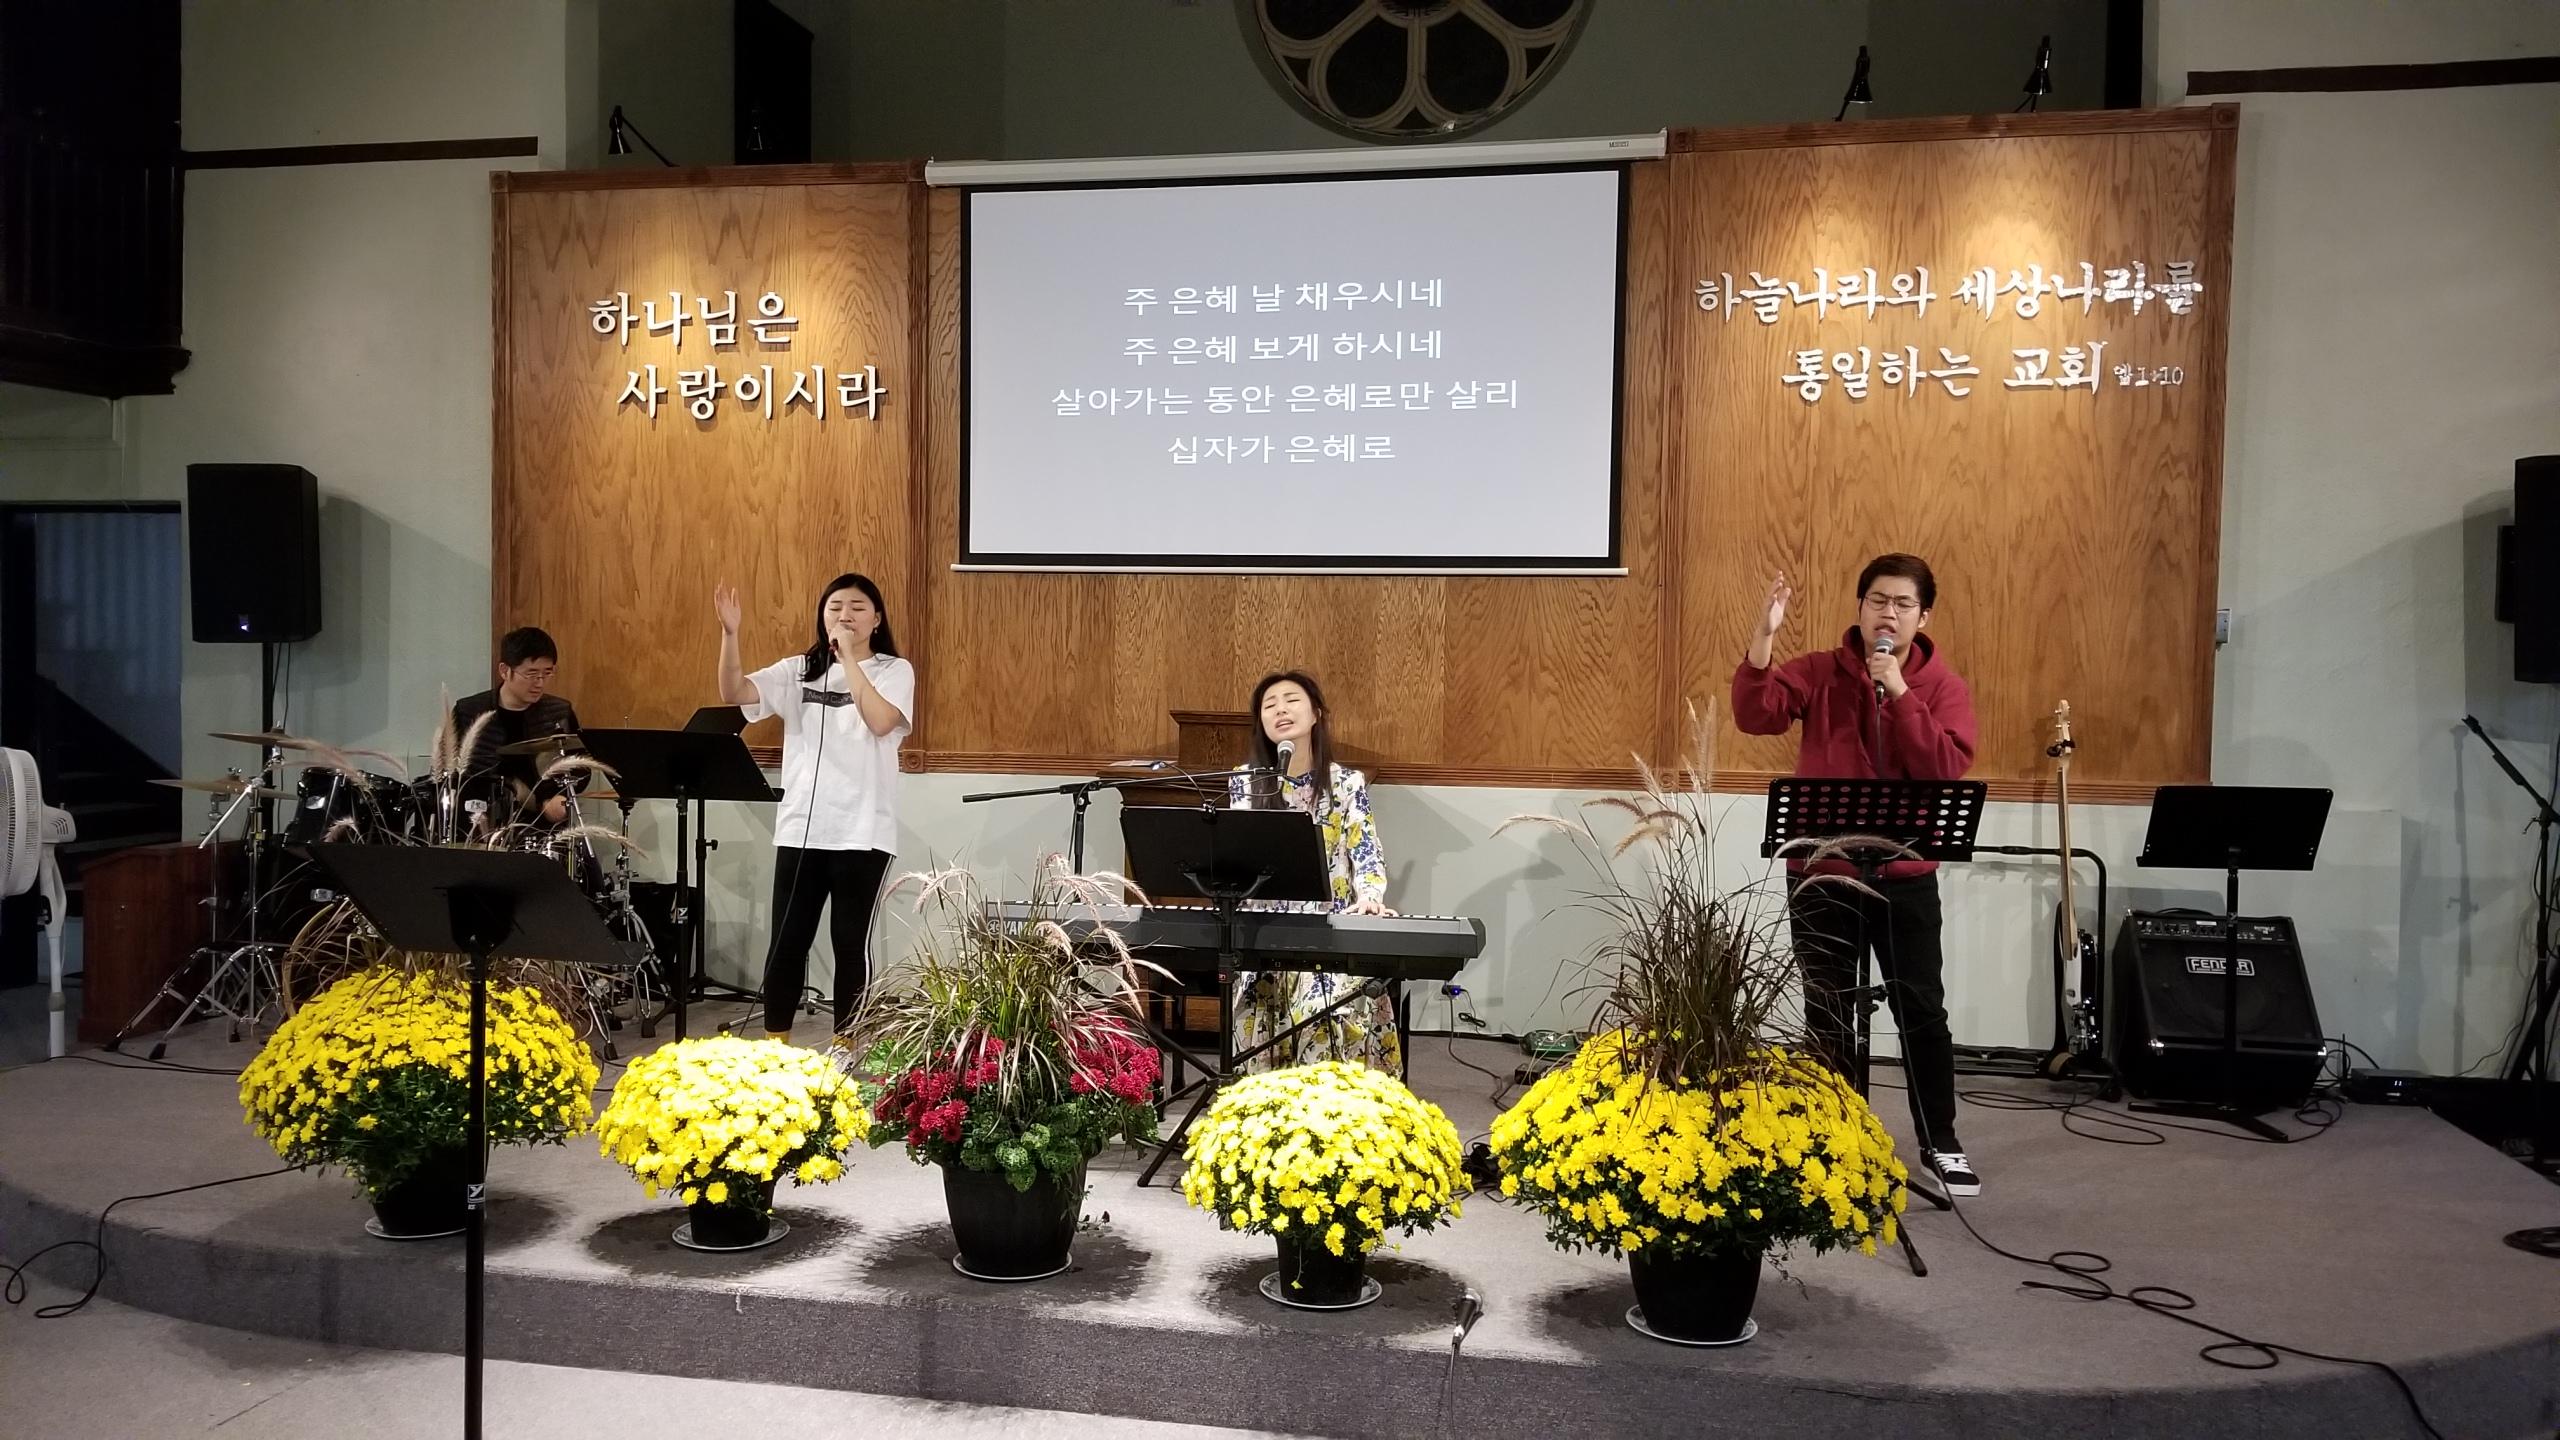 2018 하반기 힐링캠프 '견고한 진을 파하라' 1